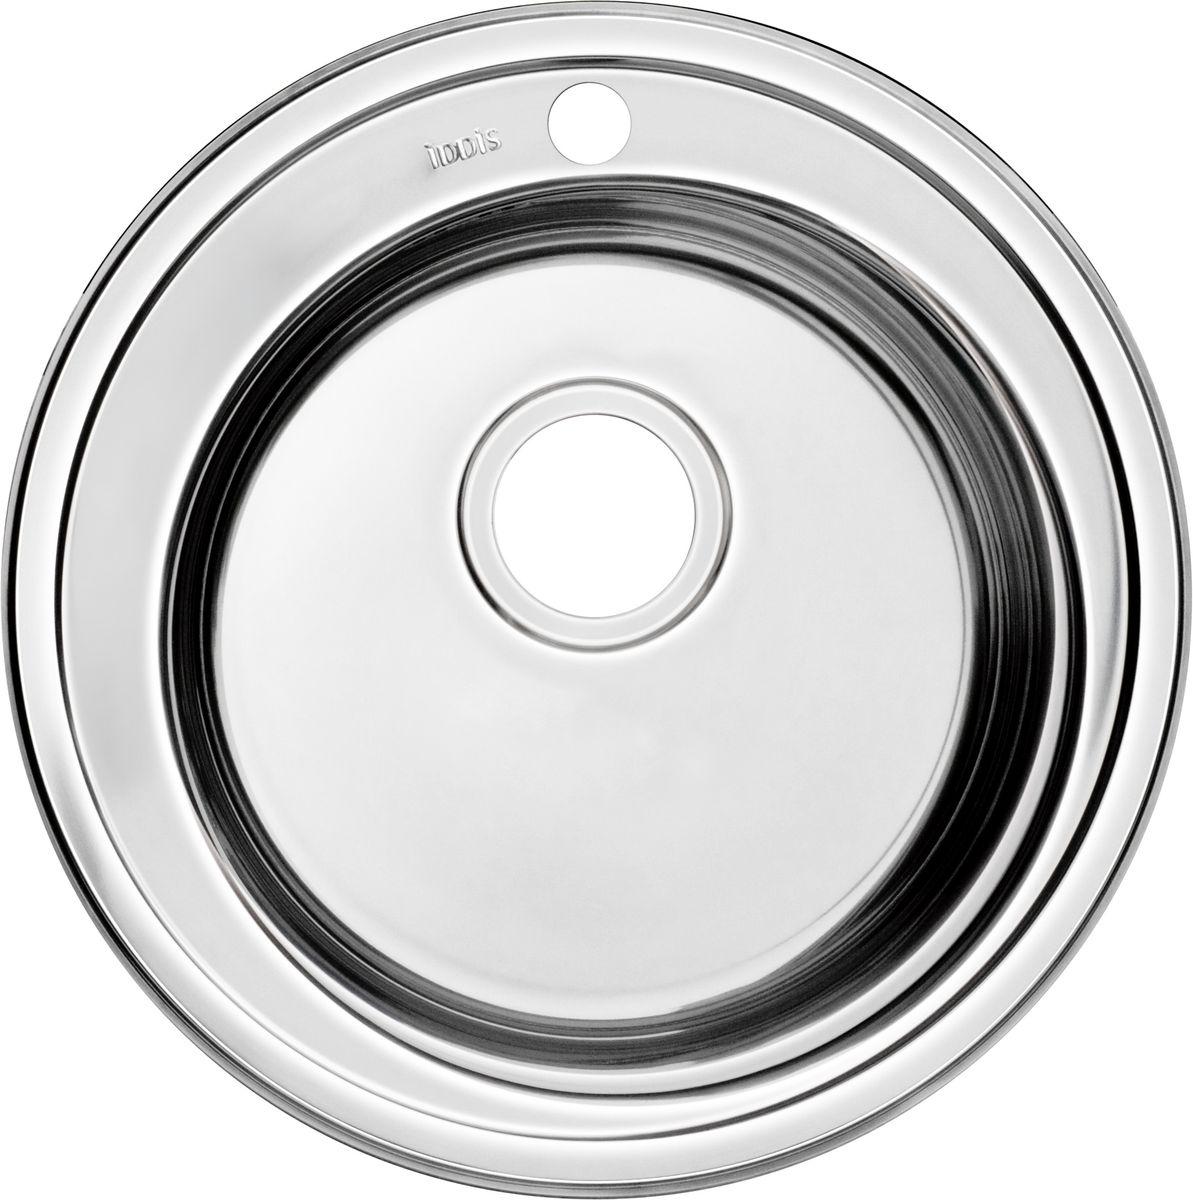 Мойка Iddis Suno, полированная, диаметр 50,5 см. SUN50P0i77SUN50P0i77Корпус мойки Iddis Suno выполнен из специальной нержавеющей стали марки 304 с содержанием хрома 18%, и никеля 10%. Это гарантирует устойчивость к воздействию химических веществ, появлению пятен и коррозии. Толщина стали в мойке 0,8 мм. Специальное дополнительное антишумовое покрытие Silenon, нанесенное на обратную сторону чаш, разработано для снижения шума воды в мойке.Конструкция краев мойки, крепления и специальная уплотнительная прокладка обеспечивает максимально плотное прилегание к столешнице и защищает от протекания. Мойка из нержавеющей стали Iddis имеет изготовленное на заводе отверстие под смеситель, что делает ее полностью готовой к установке. Наличие шаблона для выреза отверстия в столешнице для каждой модели облегчает процесс установки моек Iddis.Гарантия на мойки из нержавеющей стали Iddis составляет 15 лет.Глубина чаши: 180 мм, диаметр чаши: 410 мм.